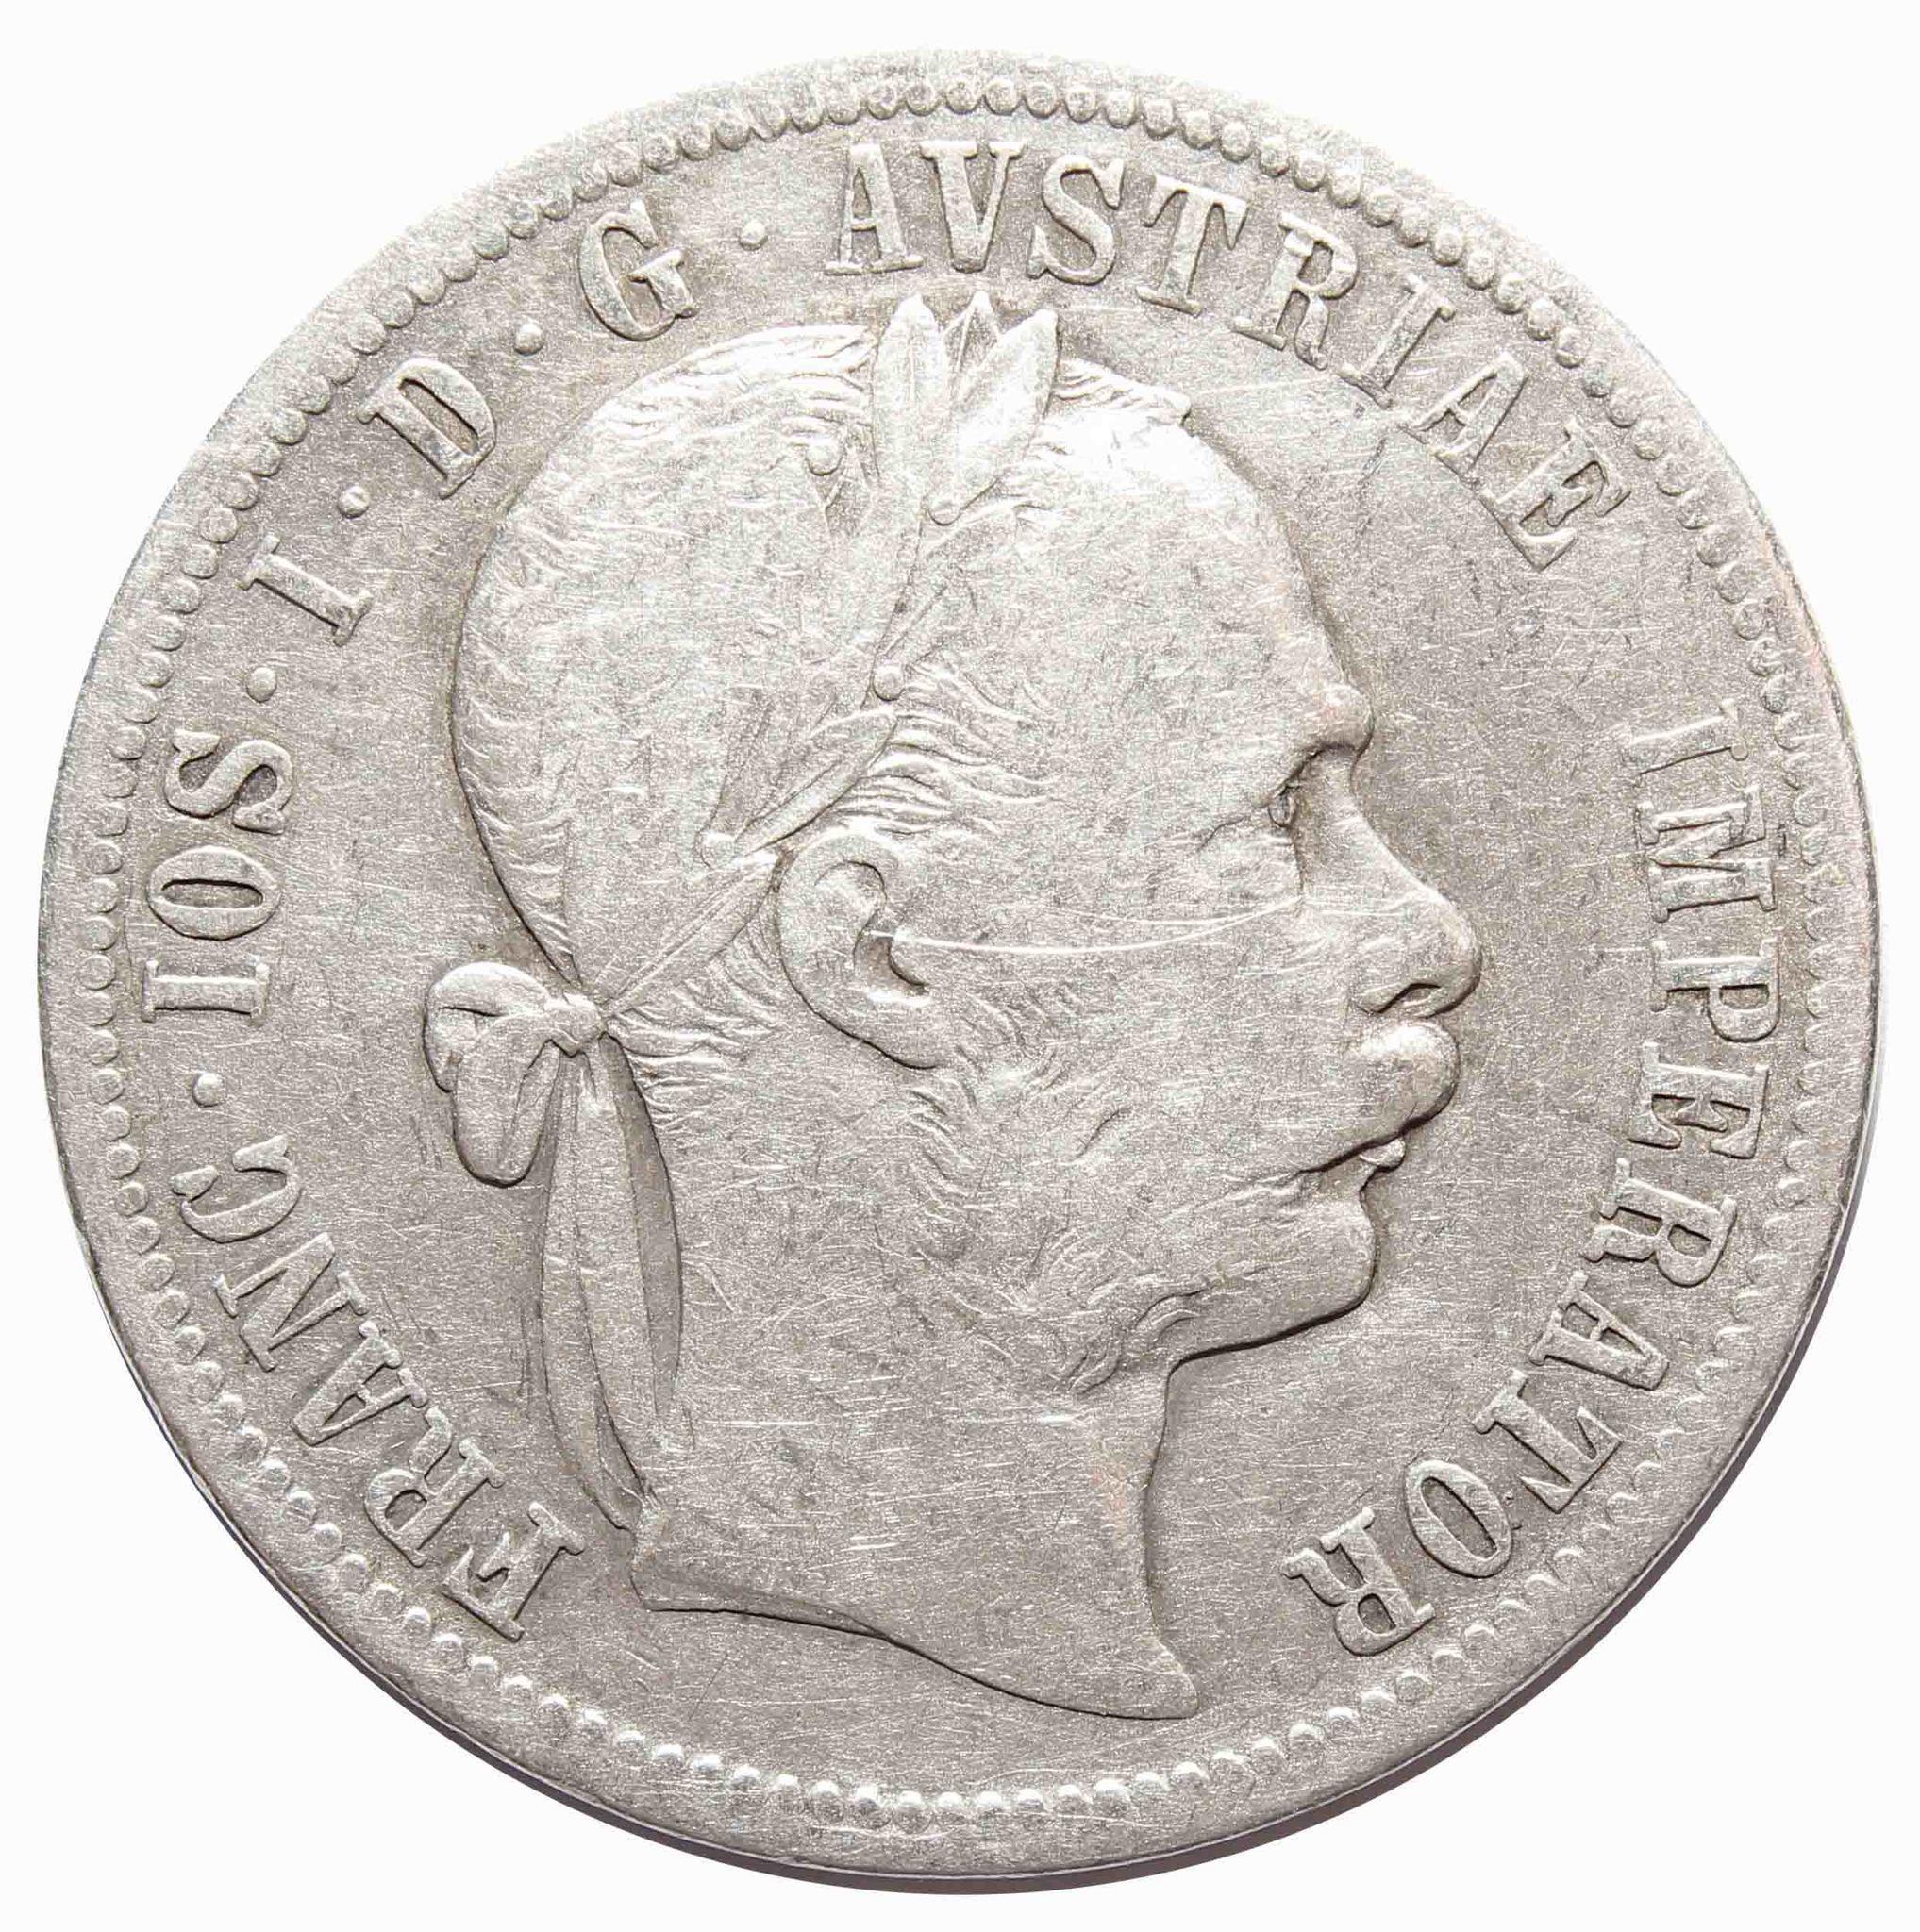 1 флорин 1891 год, Австрия. VF